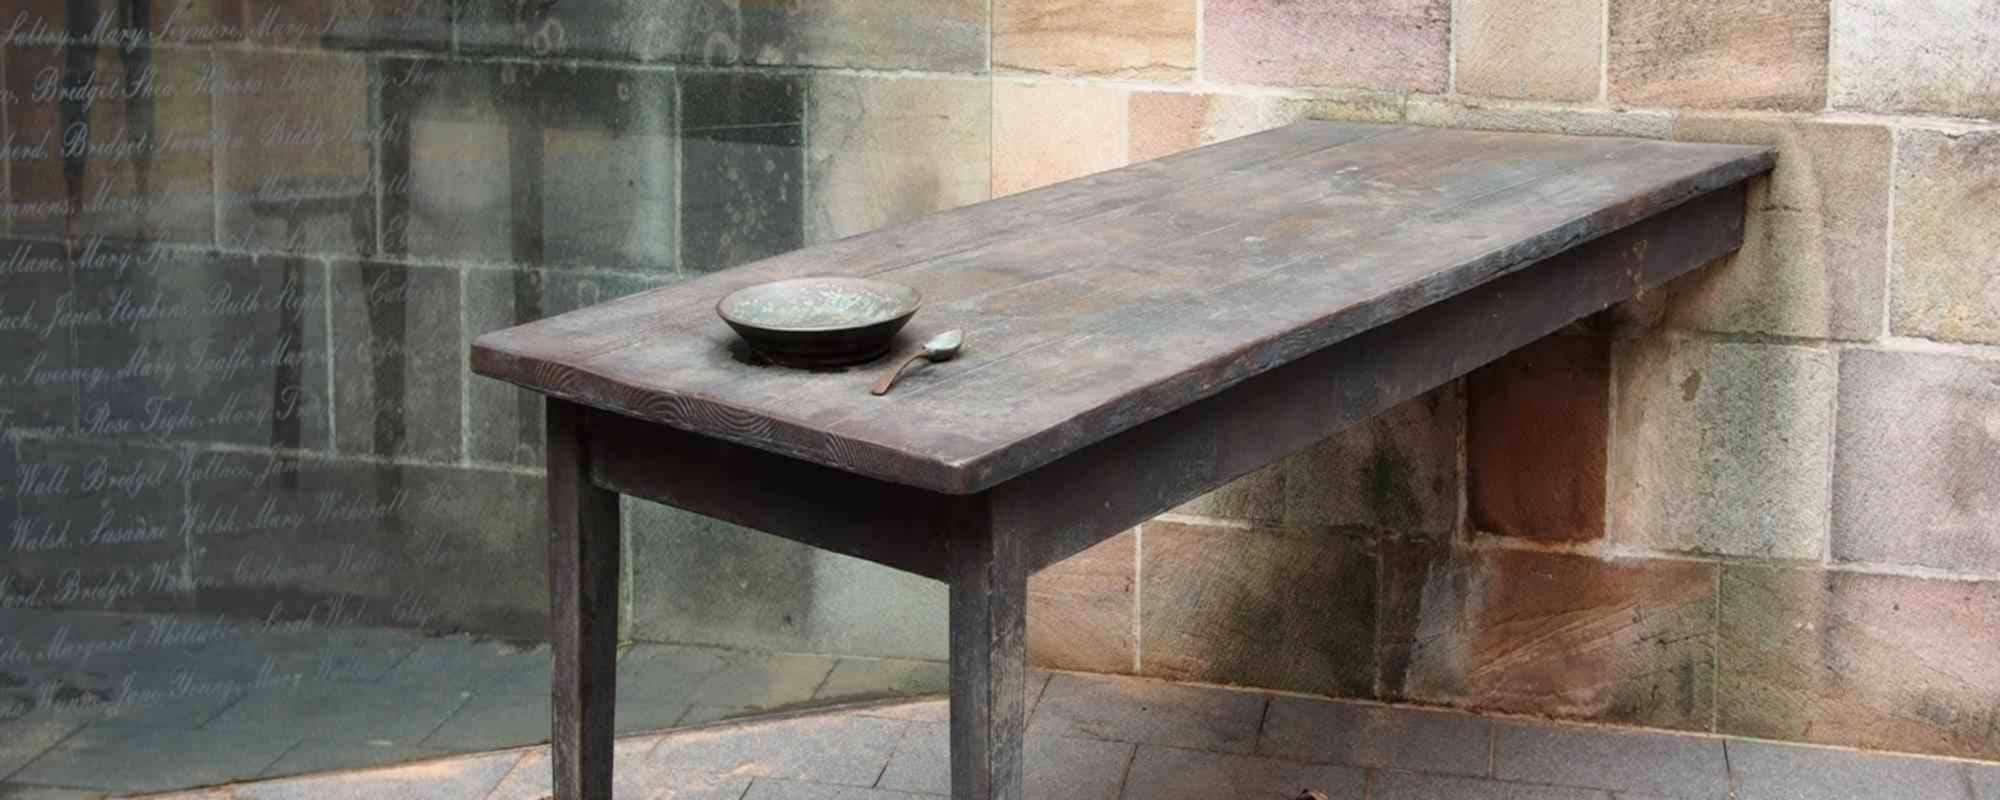 Tisch An Die Wand Gelehnt